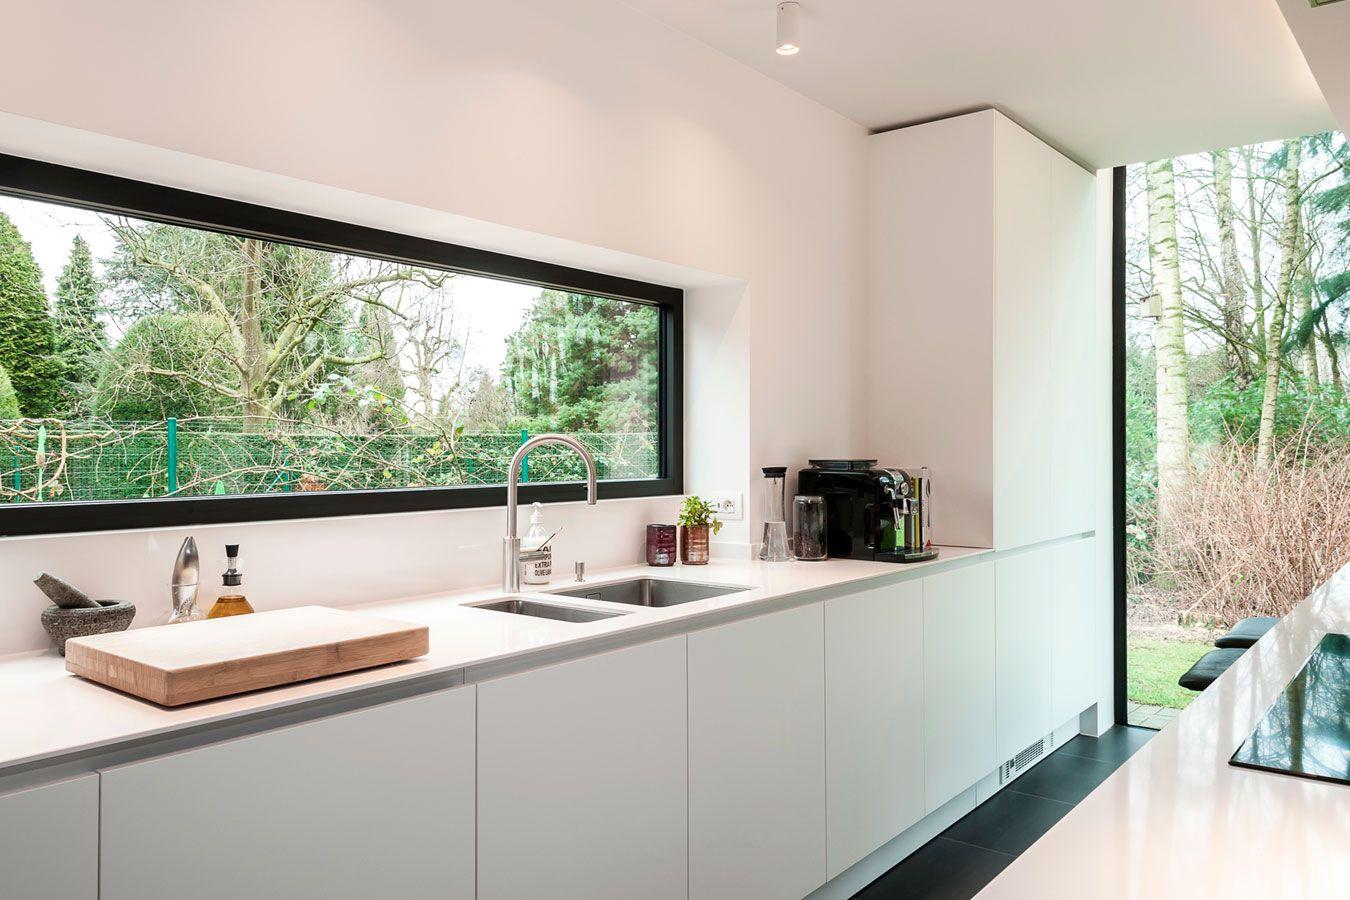 Elegant detail van werkbladdampkap en dun werkblad de keukenarchitecten antwerpen de keukenarchitecten eigen realisaties Pinterest Interiors